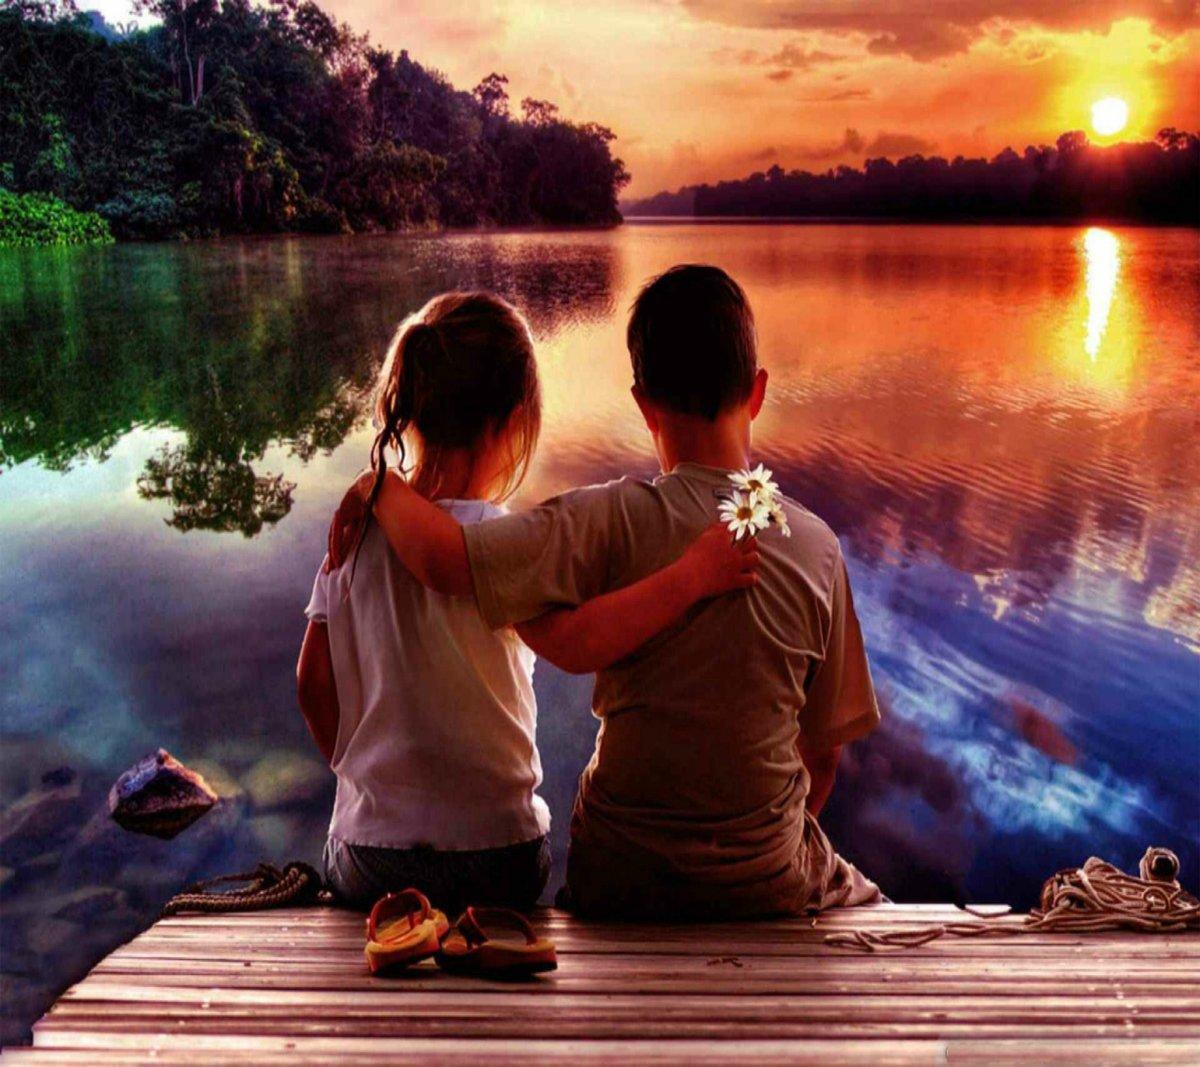 Самые красивые любовные картинки, добрым вторником